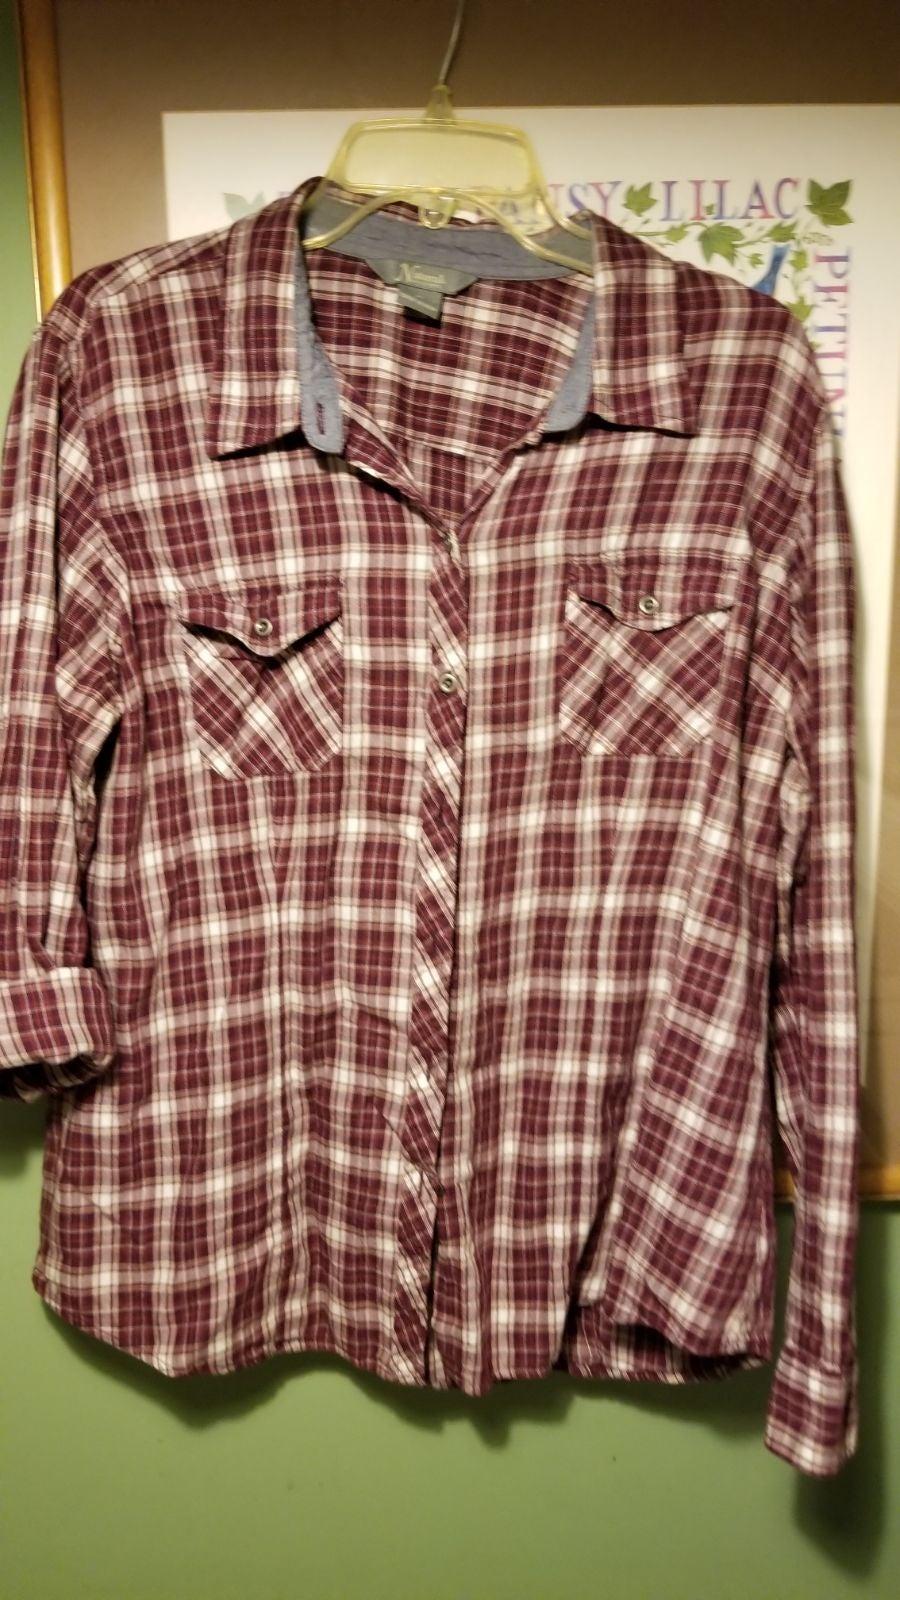 Natural Reflections Plaid shirt